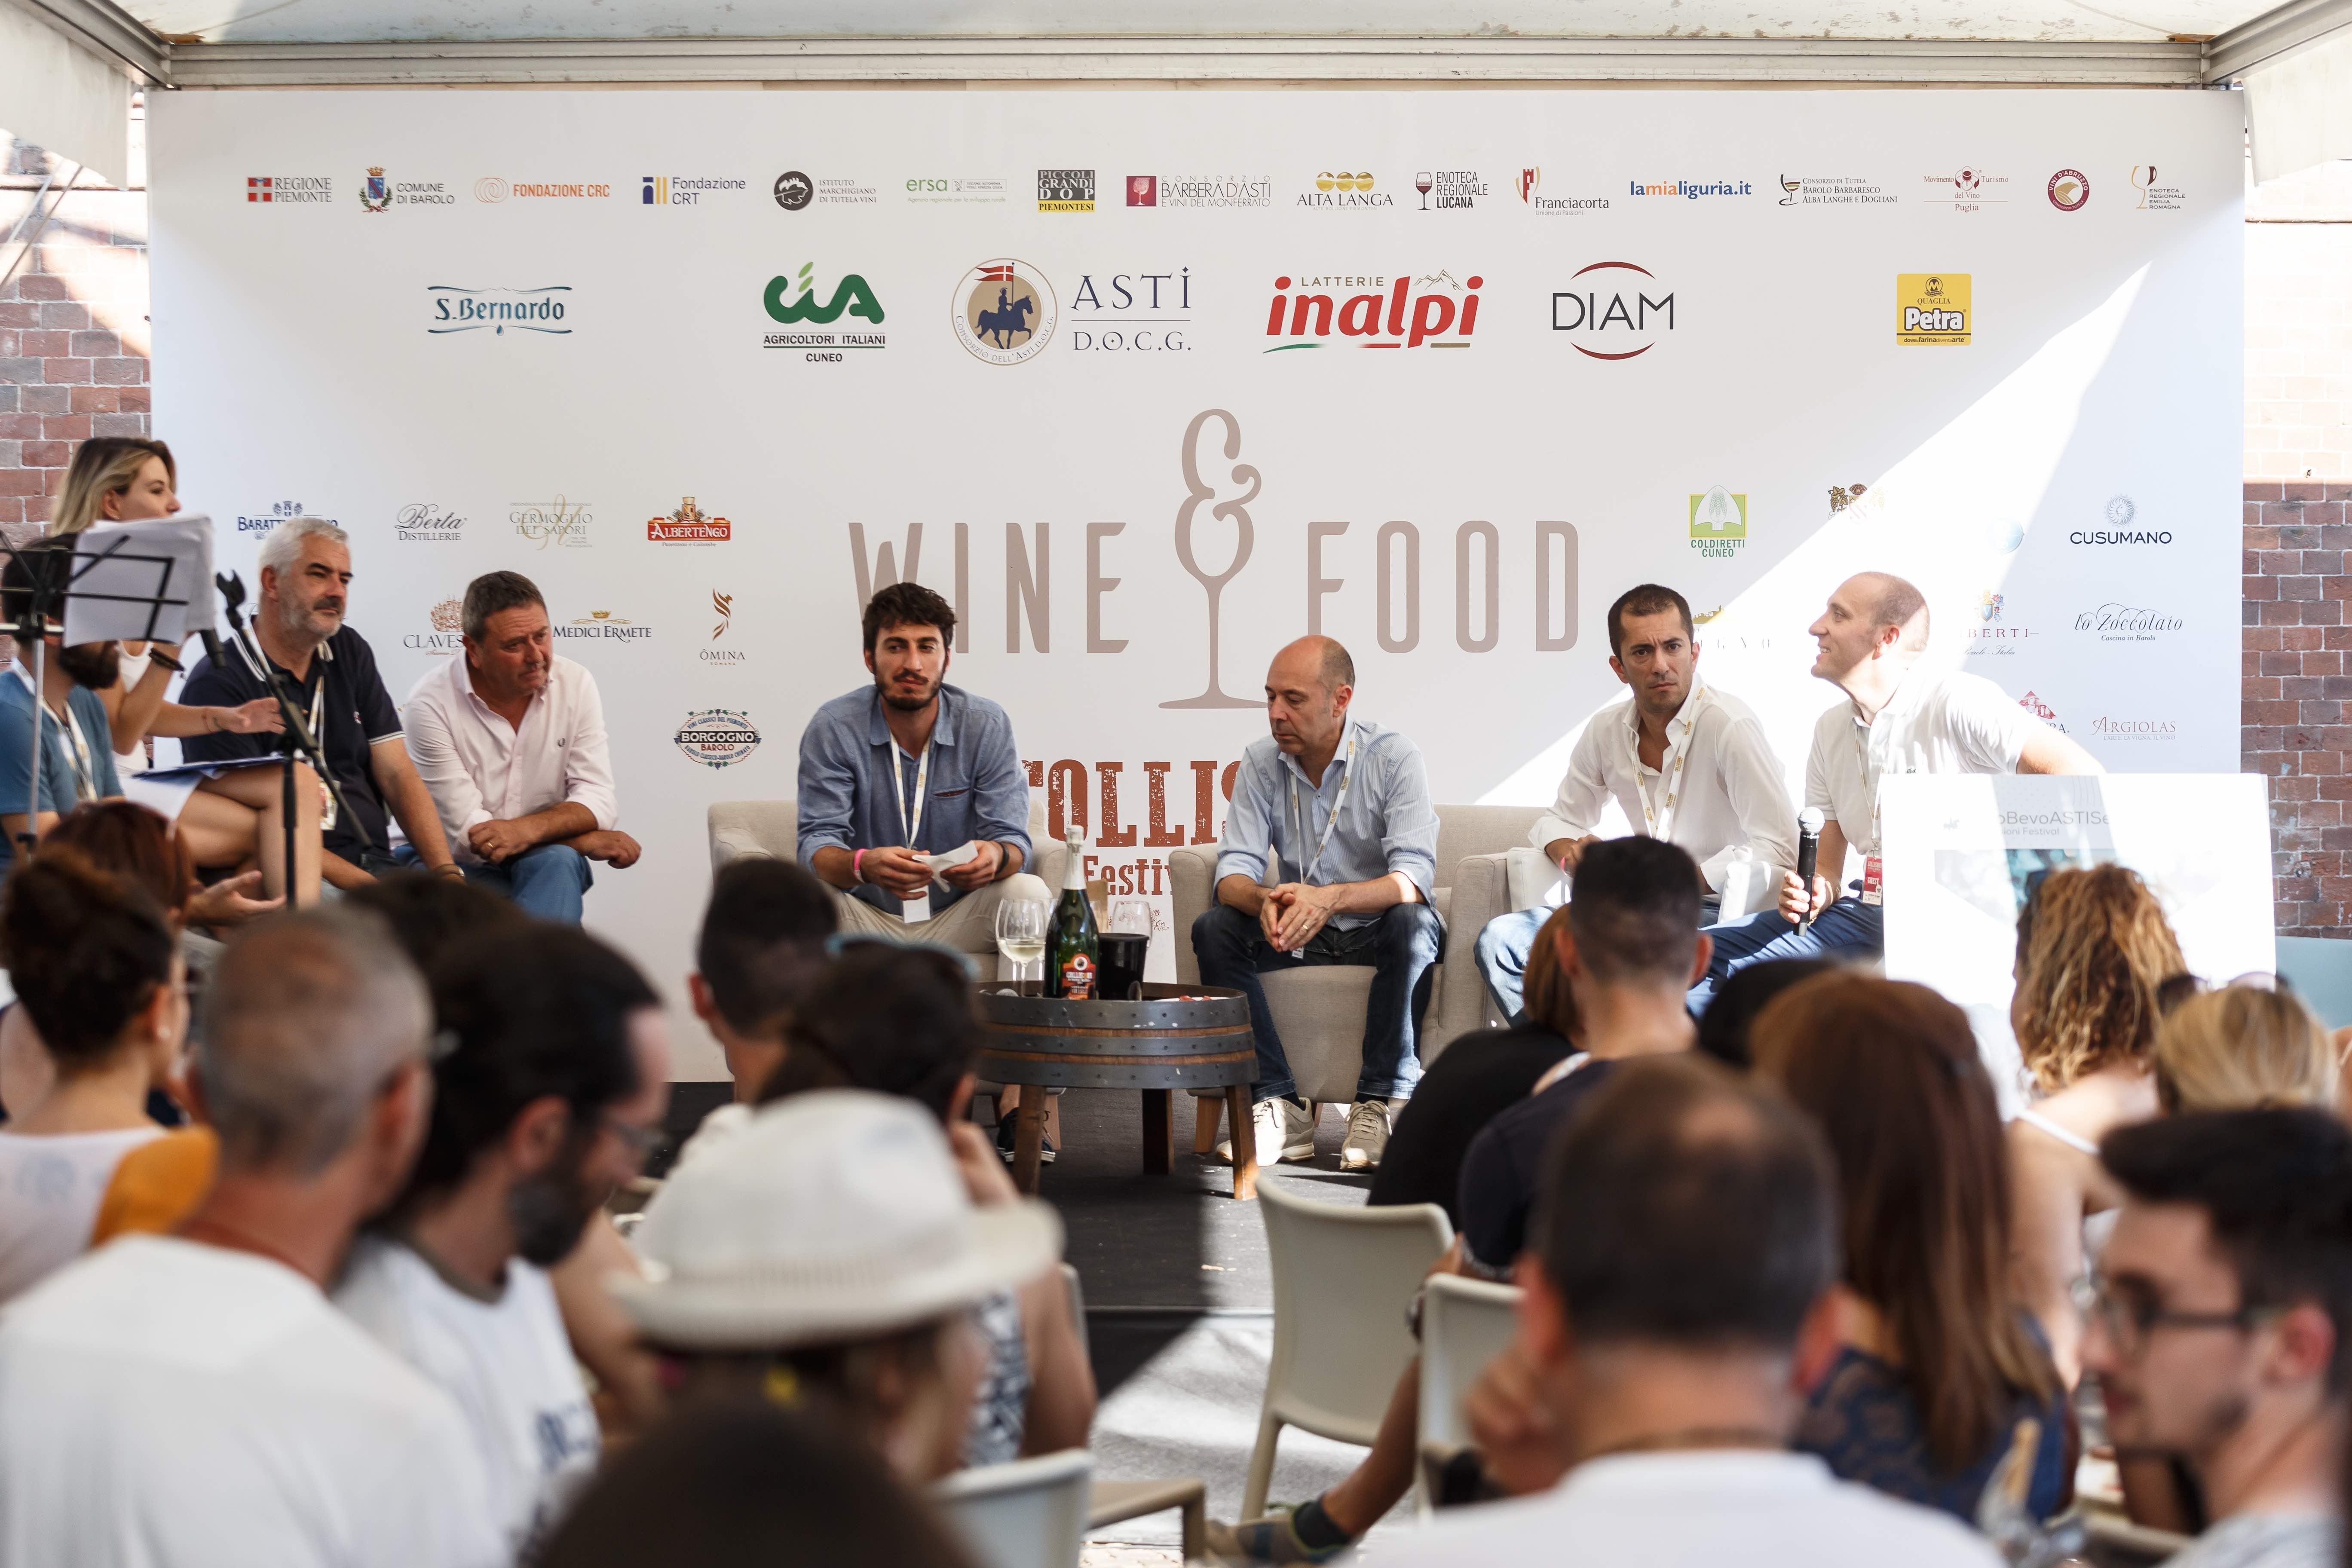 Le eccellenze enogastronomiche d'Italia protagoniste dell'undicesima edizione del Festival agrirock Collisioni a Barolo